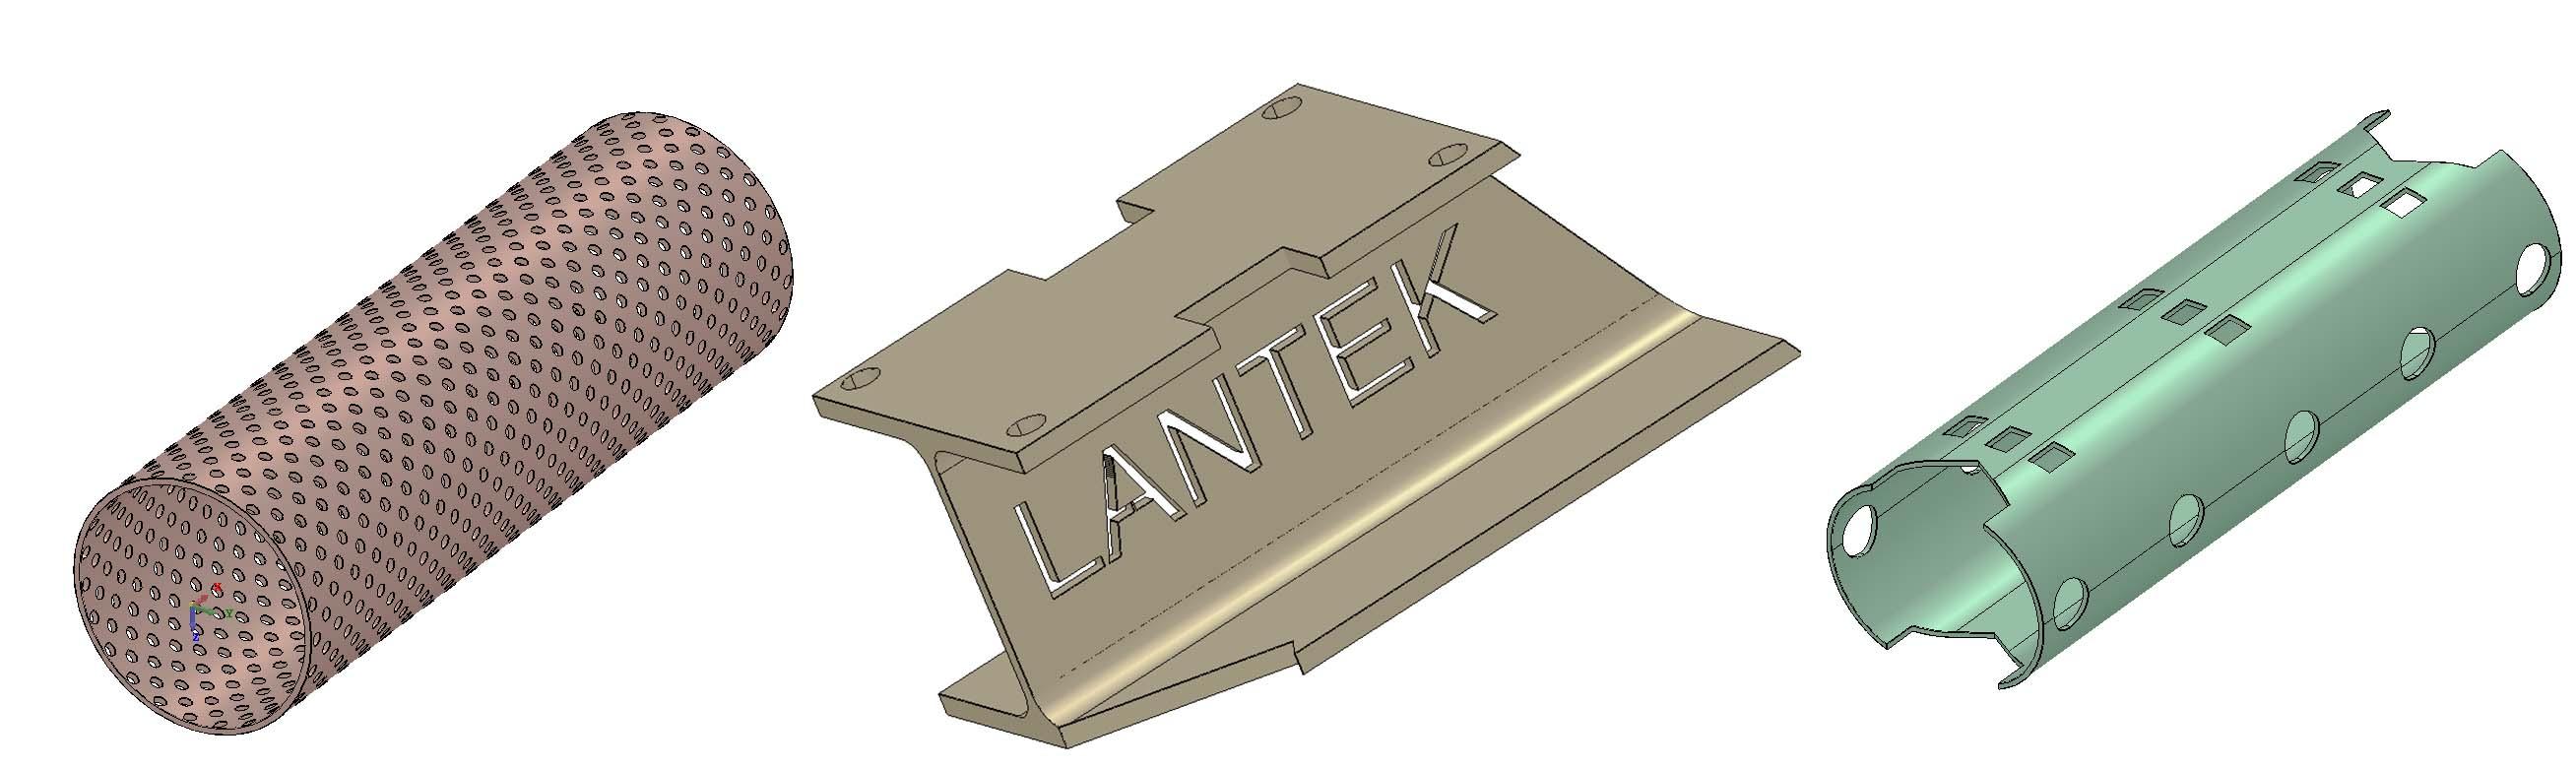 Lantek Flex3d Tubes  - Opzioni di disegno